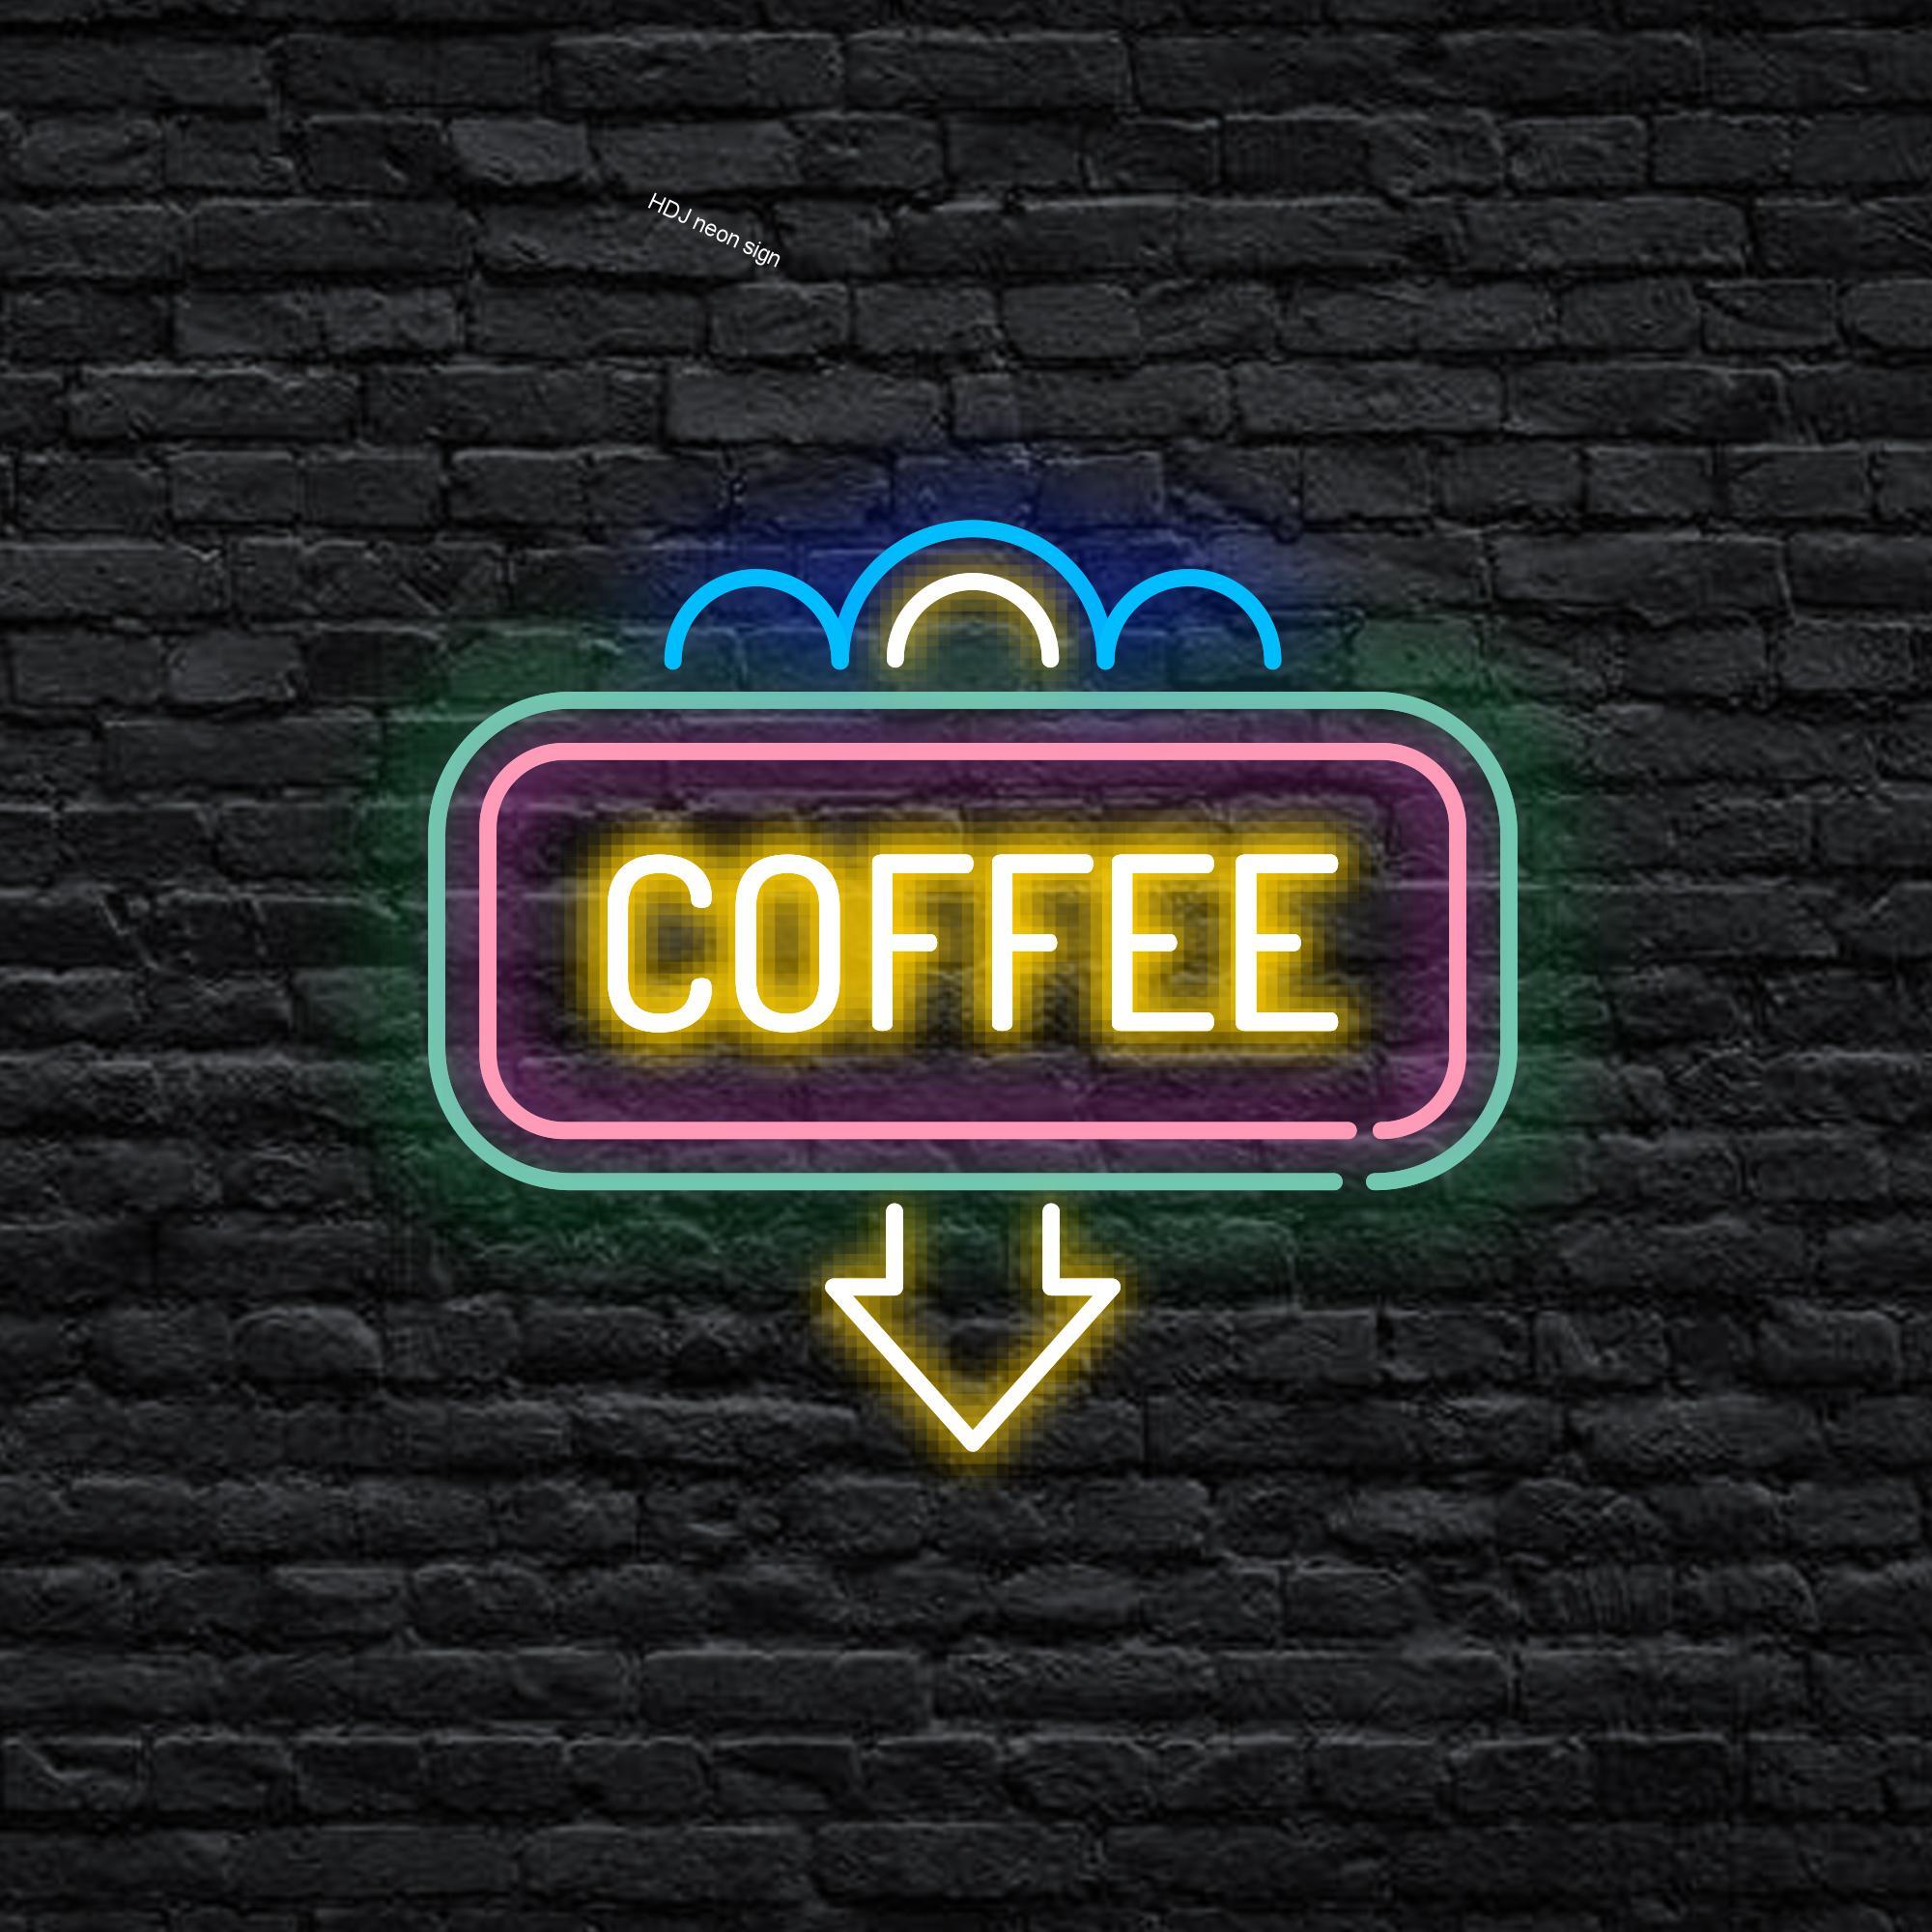 شخصية مصابيح إضاءة ليد مخصصة رسالة النيون تسجيل القهوة مناسبة ل مقهى شرب متجر متجر نادي ضوء النيون الزخرفية